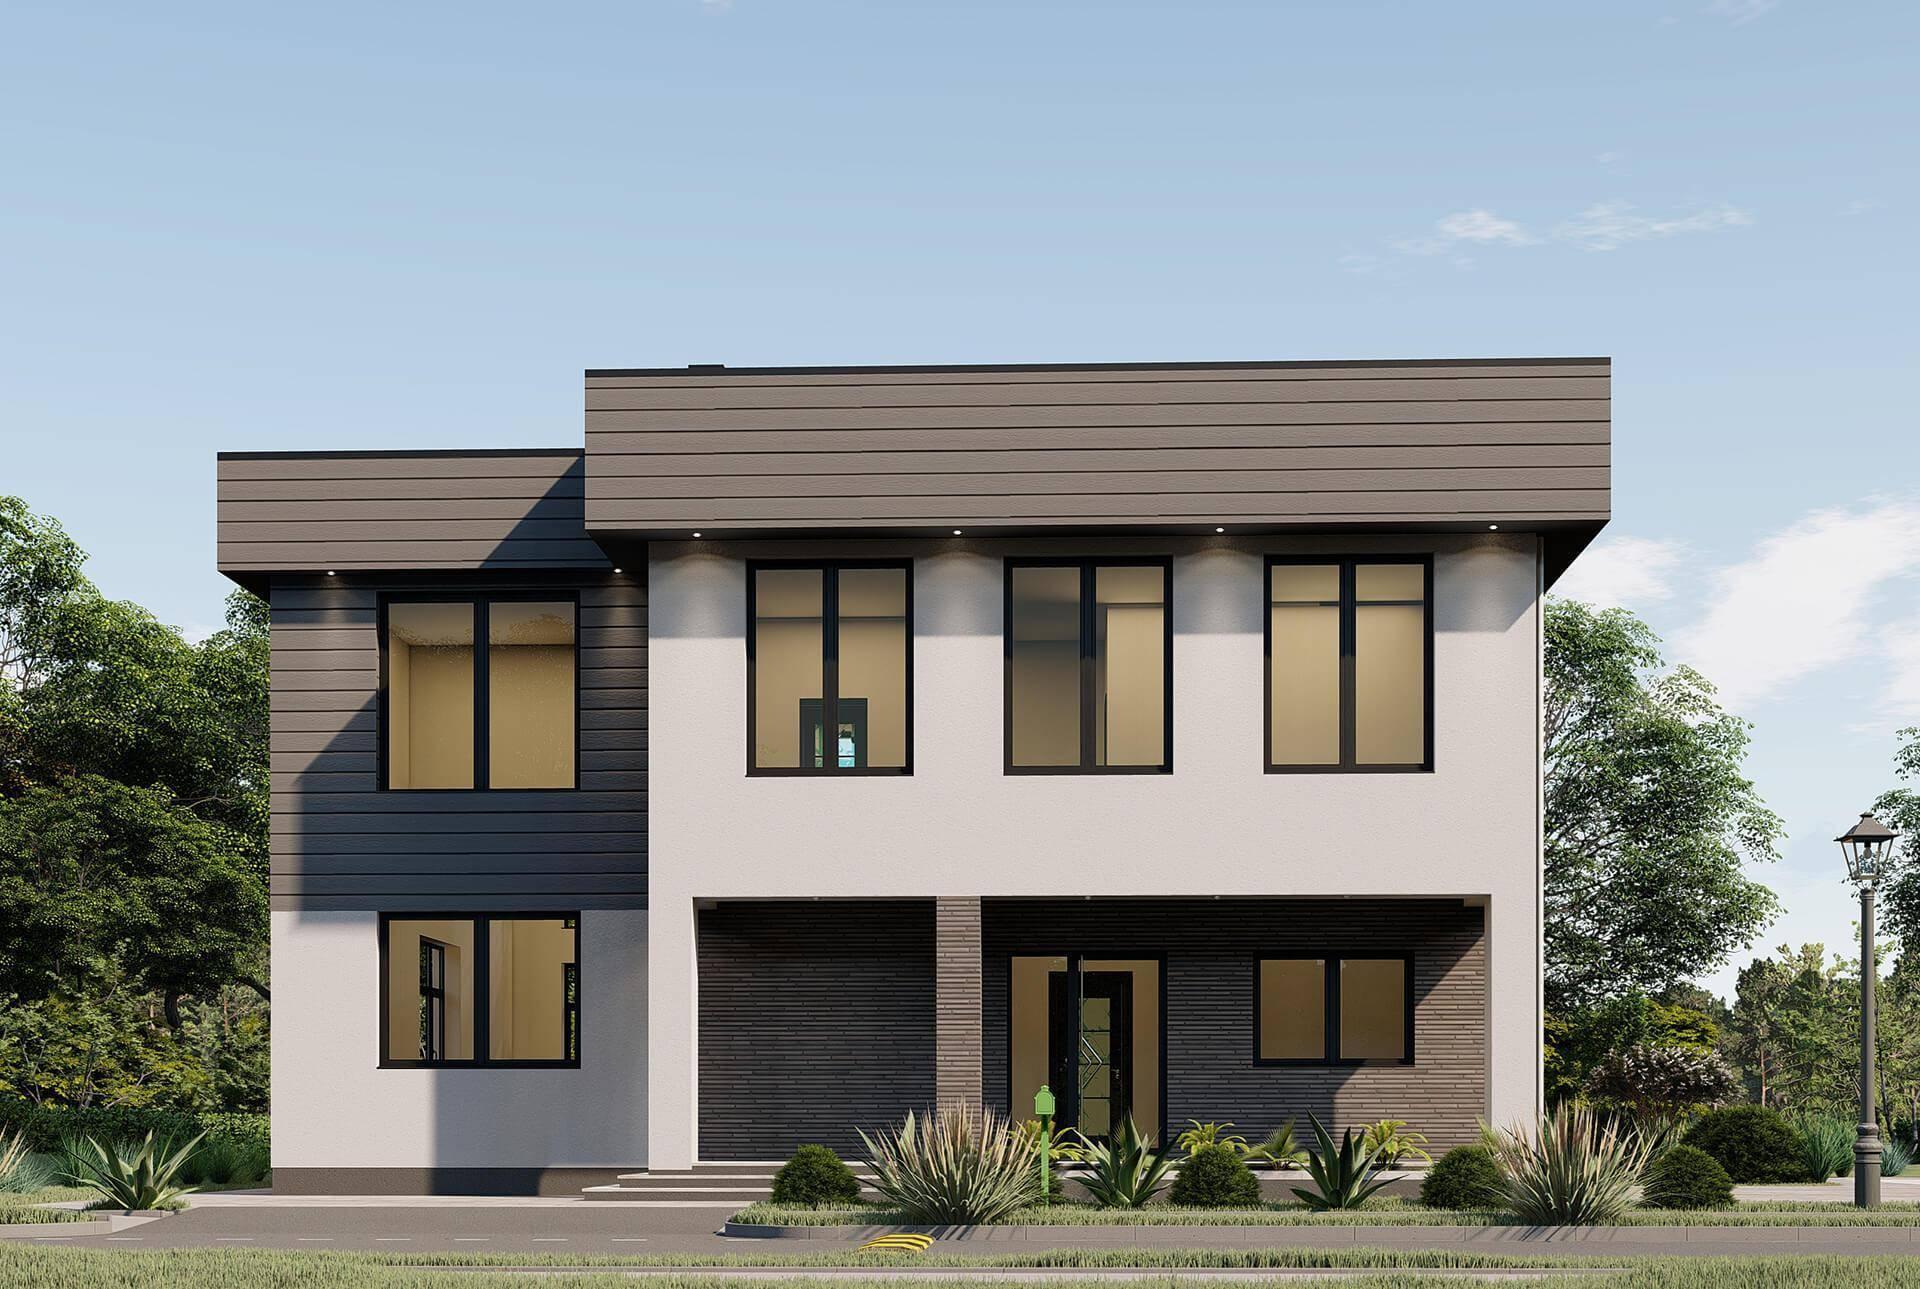 Одноэтажный или двухэтажный дом: что лучше и выгоднее